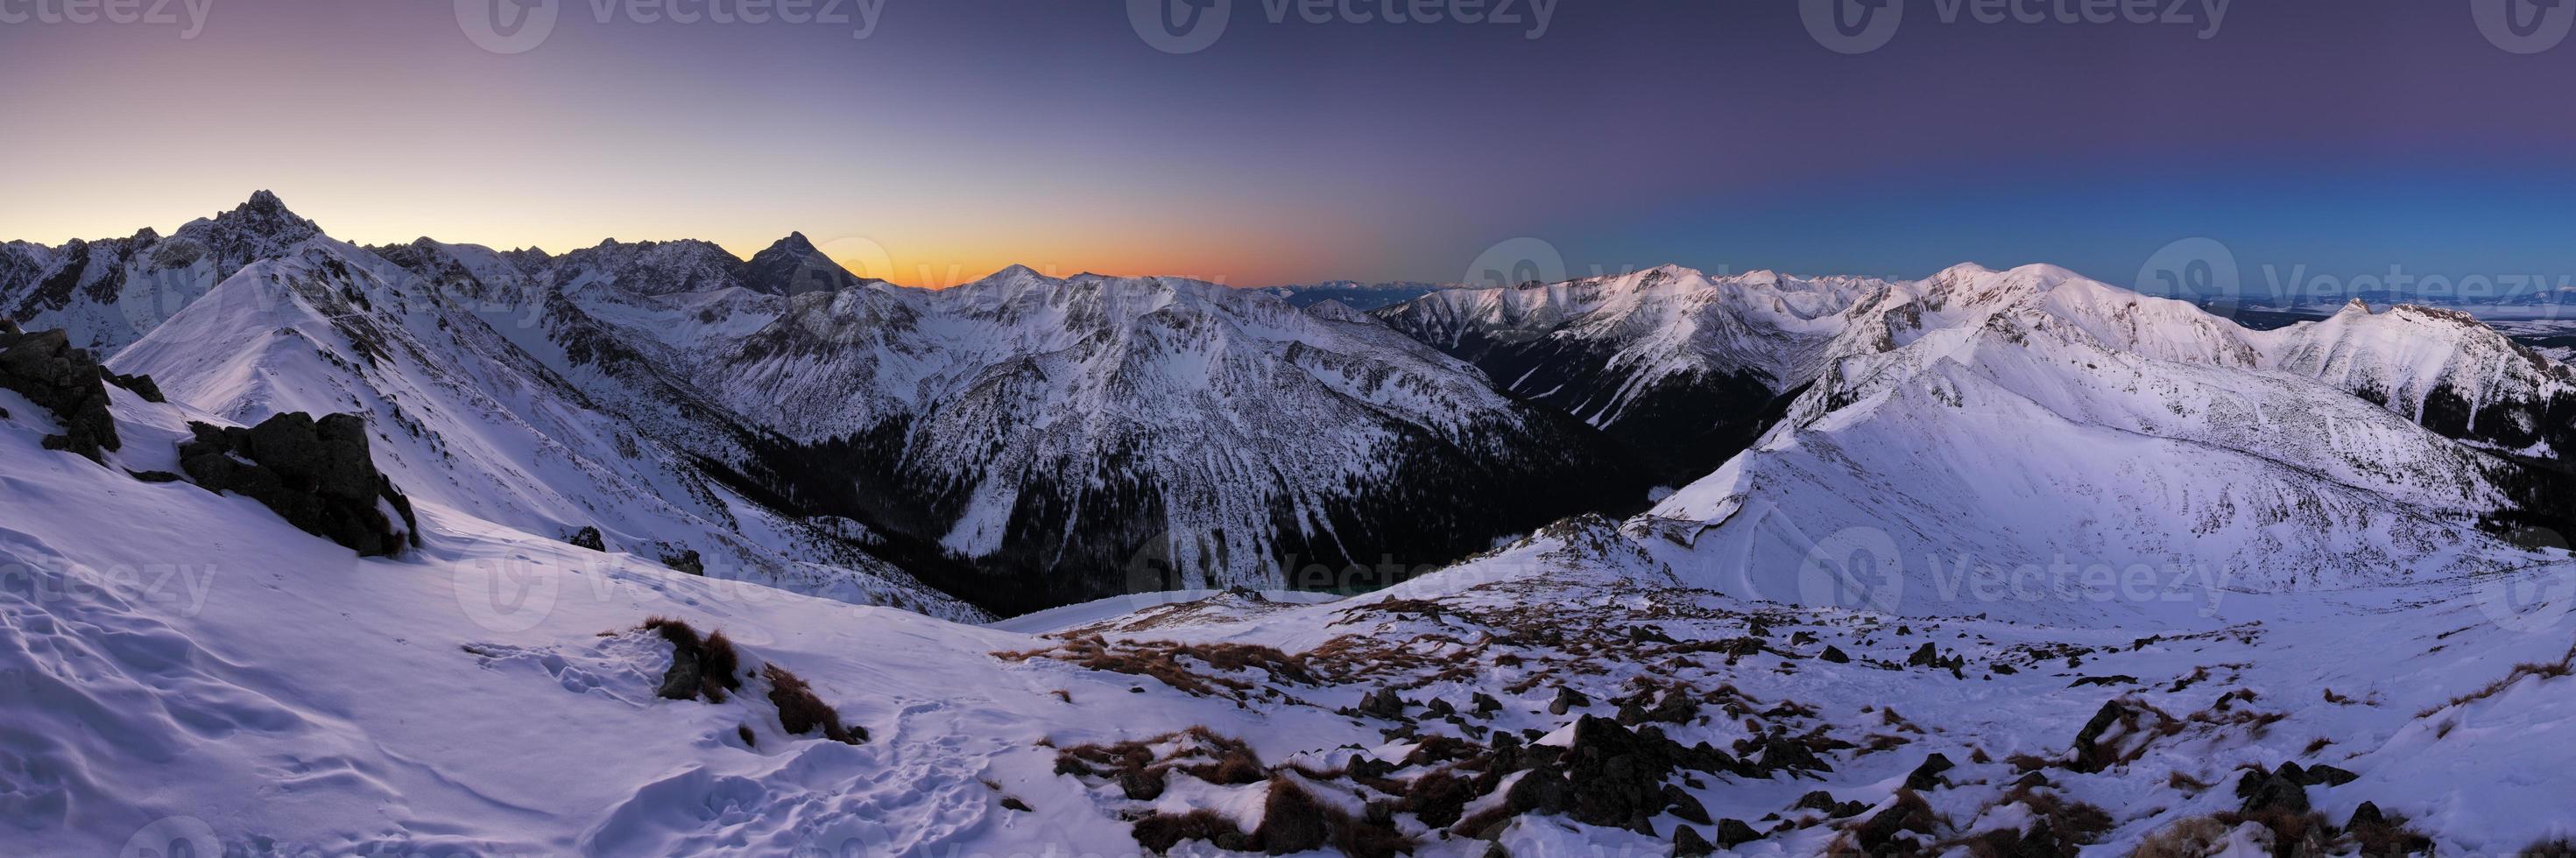 vinterberg i Polen, kasprowy foto